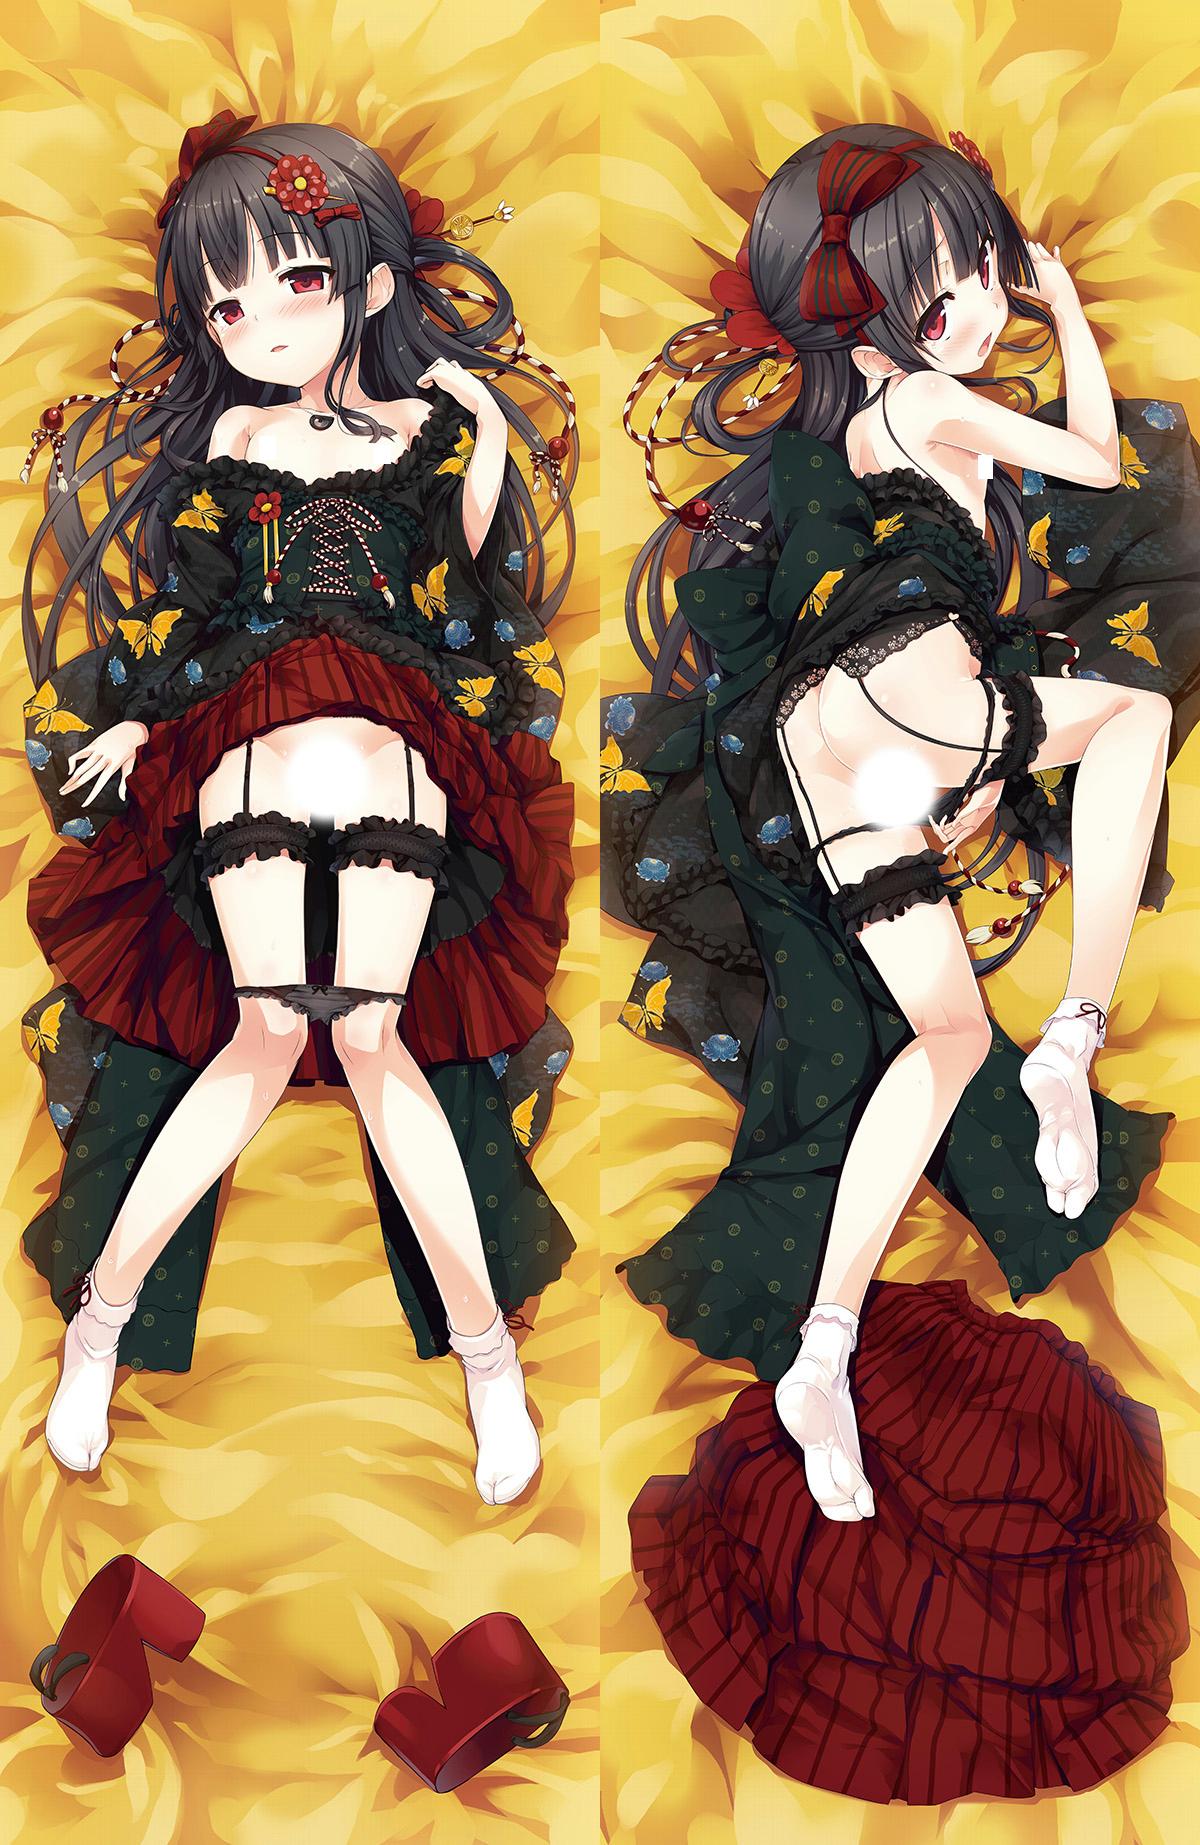 【速報】最高にHい抱き枕が発見されるwwwwwww